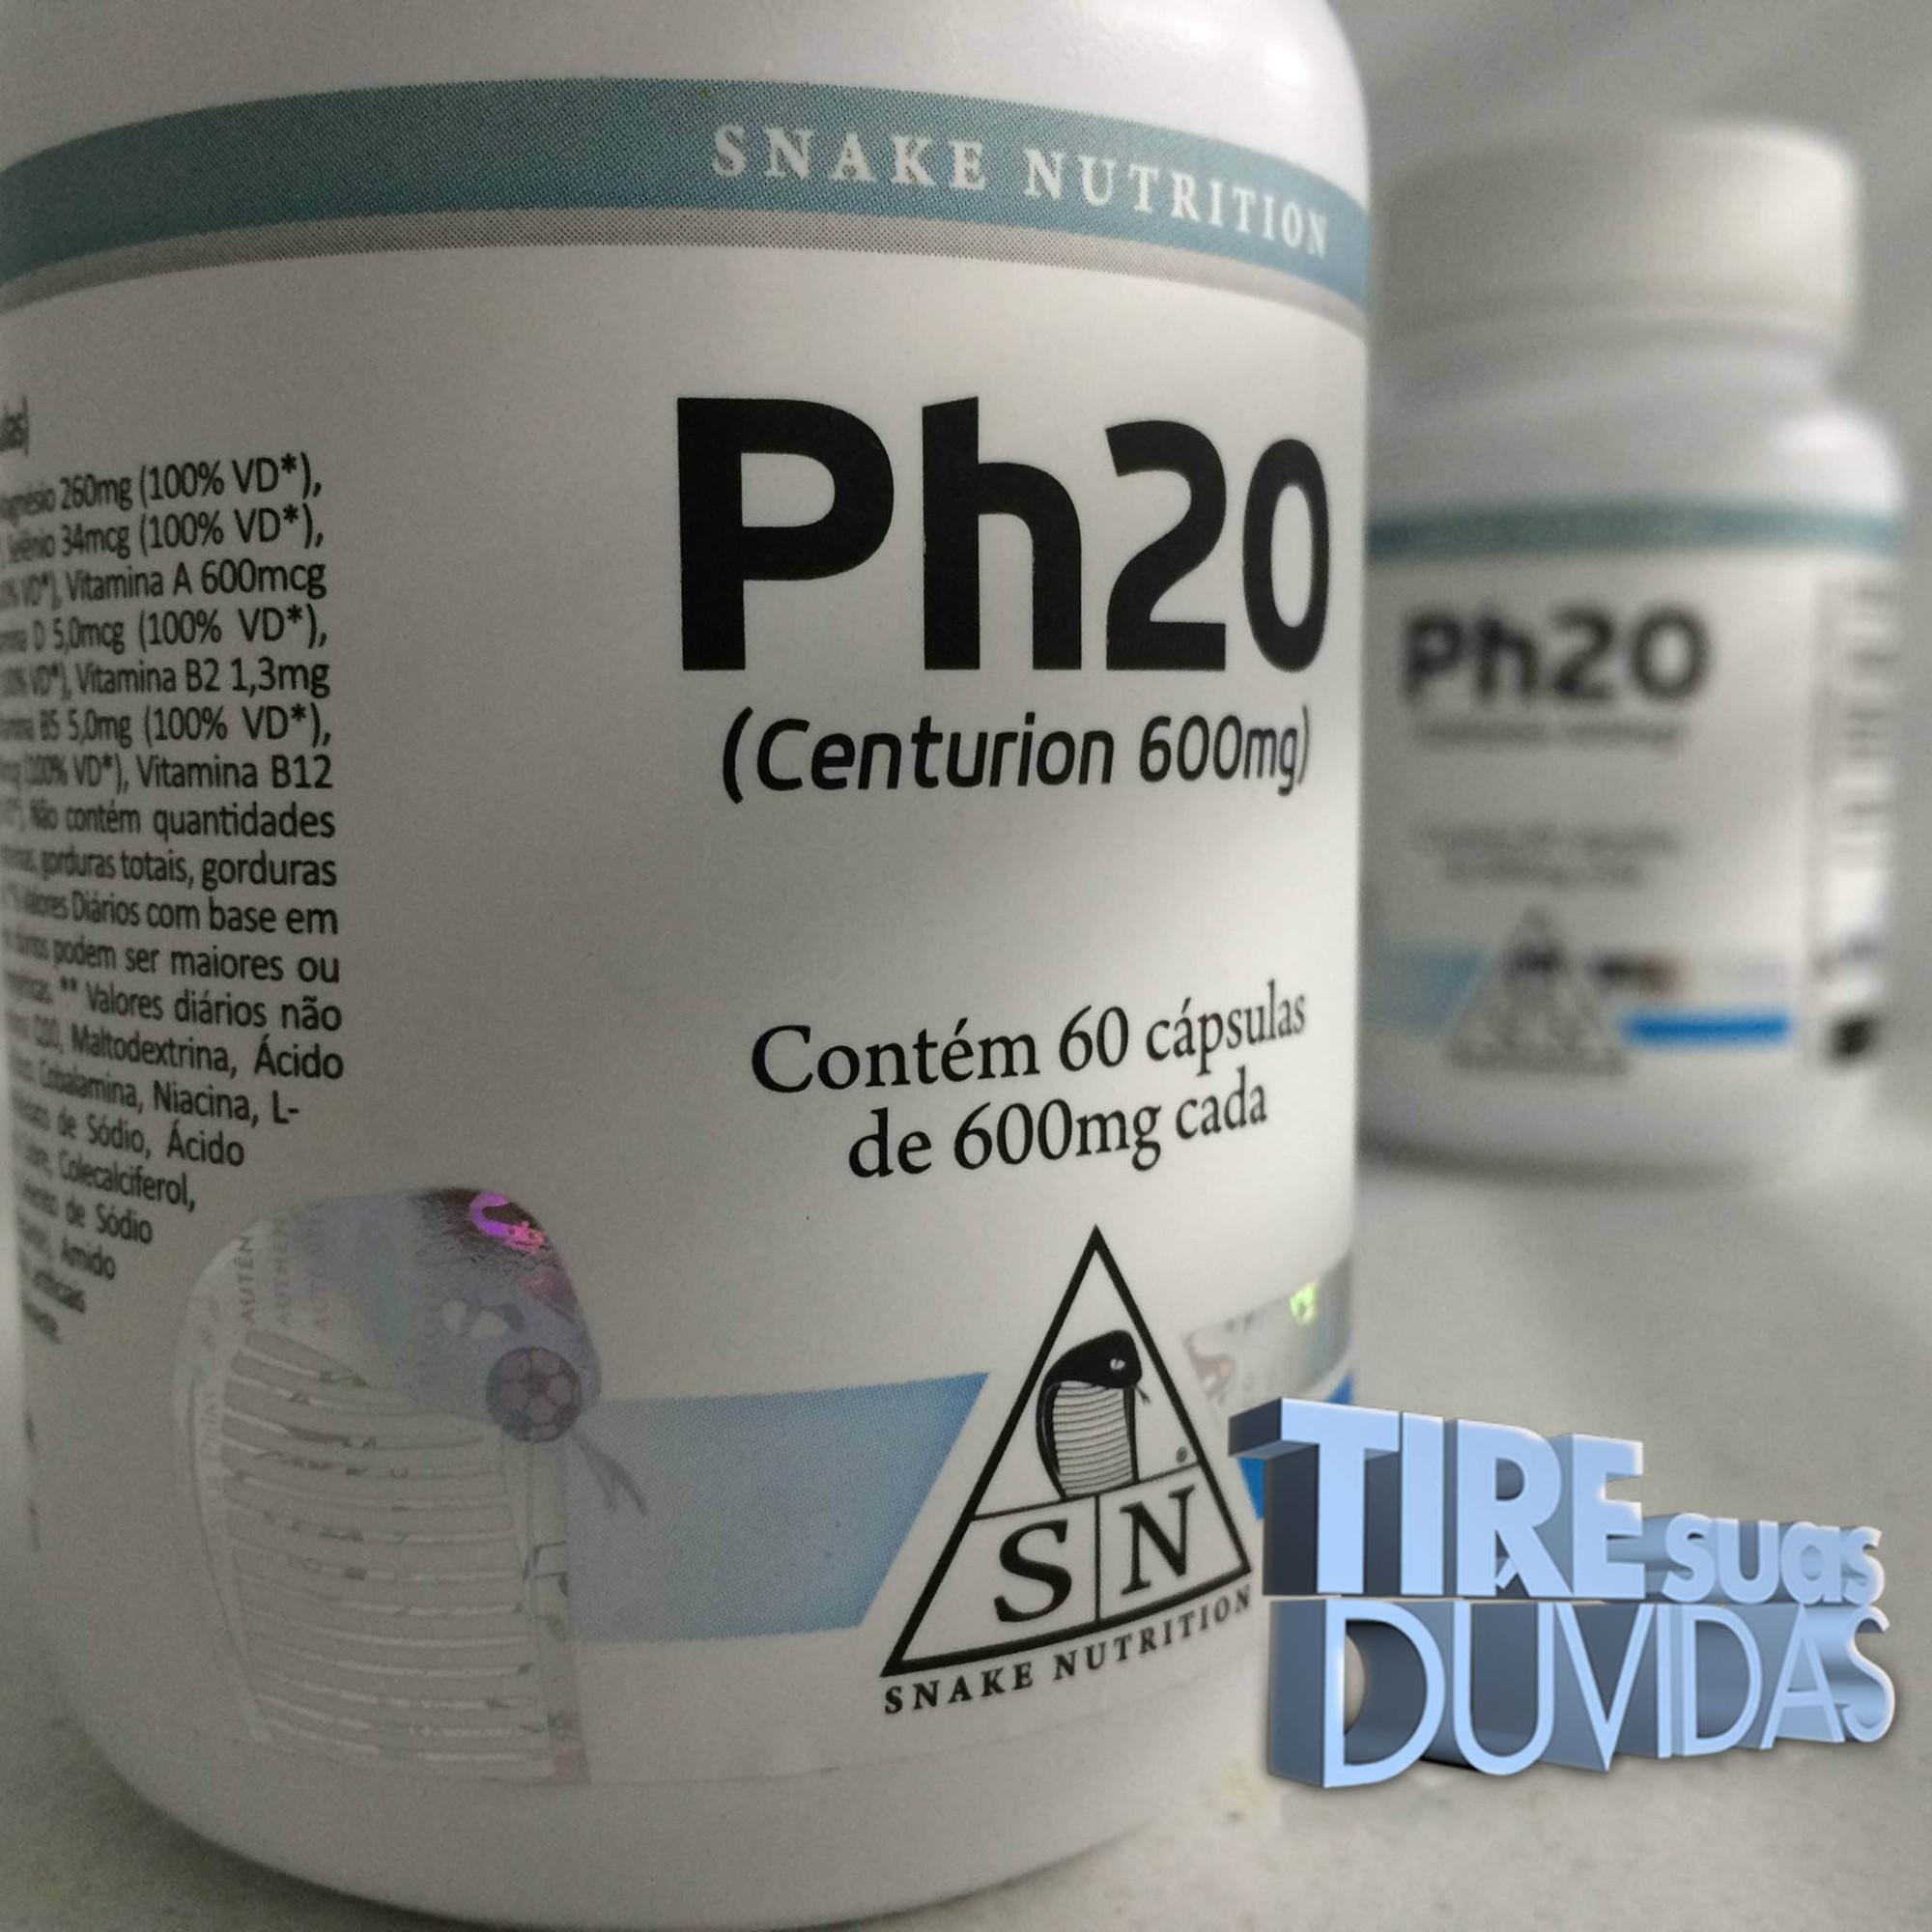 Ph20 - Perguntas e respostas sobre o Ph20 da Snake Nutrition